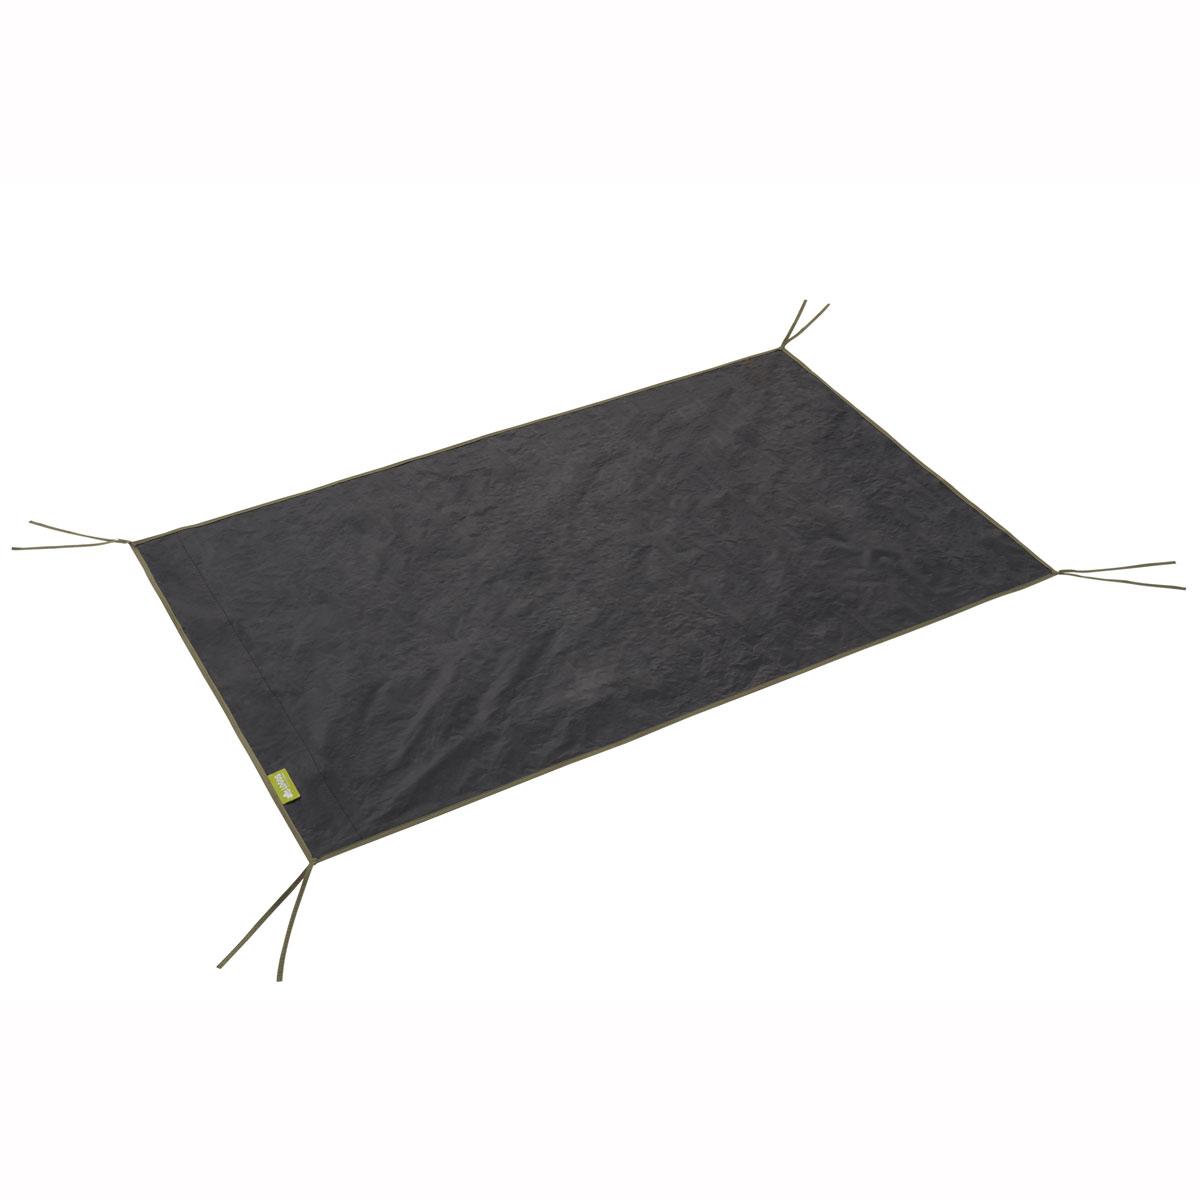 往復送料無料 取り寄せ ロゴス メーカー直売 LOGOS グランドシート キャンプ アウトドア 71809722 タープ用品 テントぴったりグランドシート テント DUO